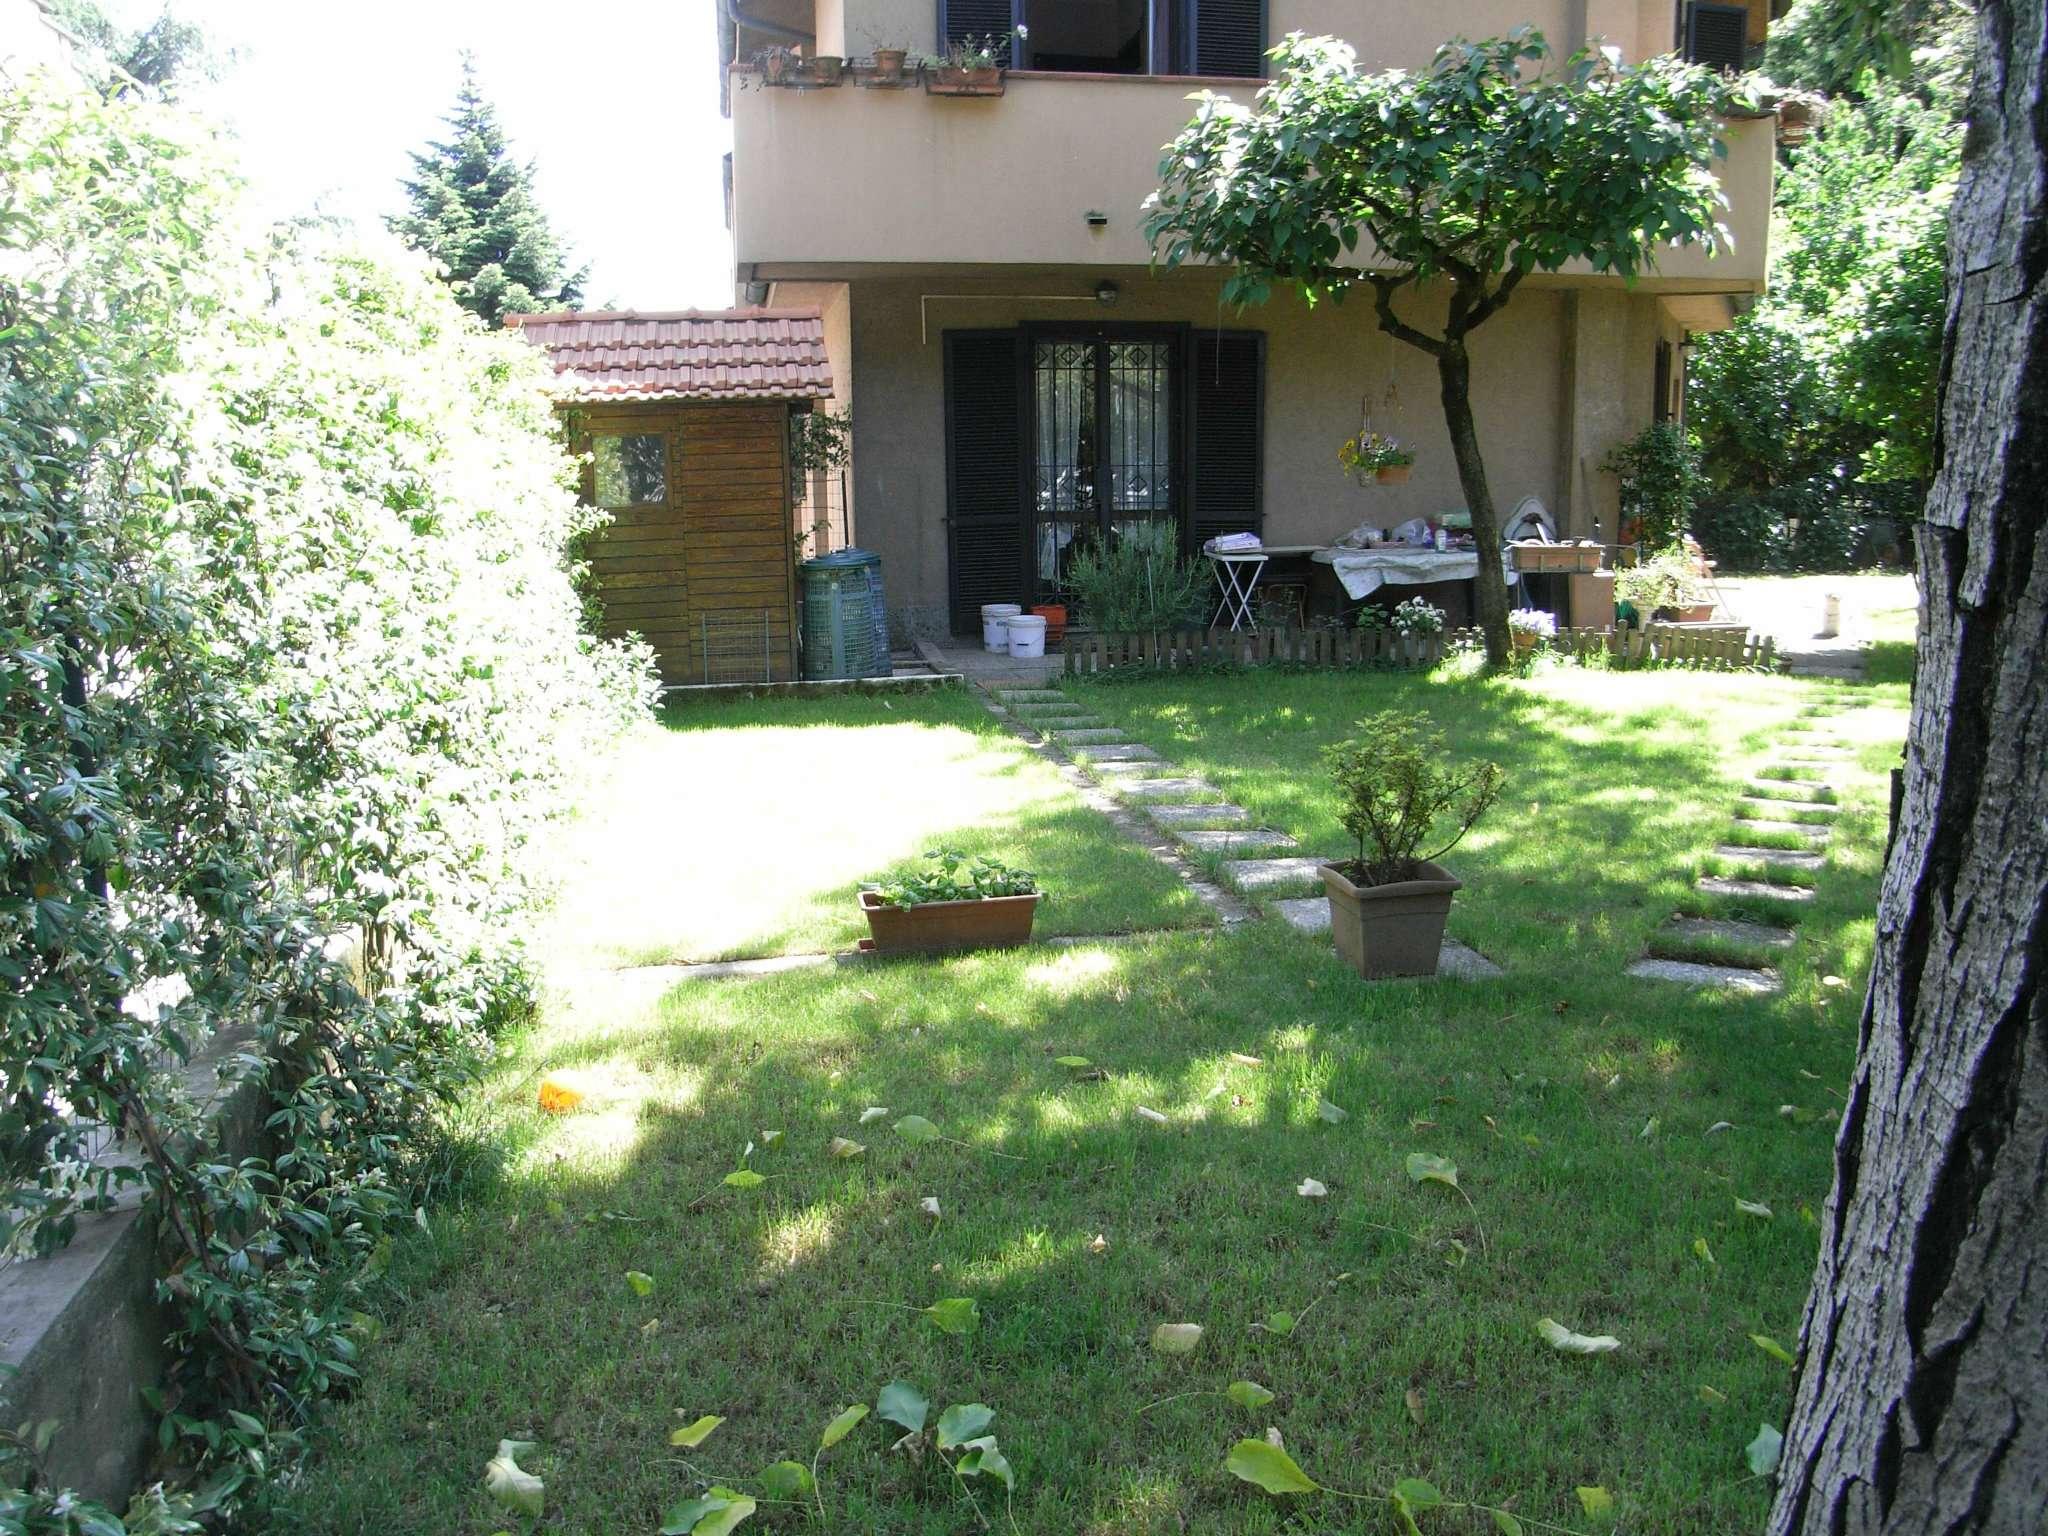 Villa in vendita a Desio, 5 locali, prezzo € 350.000 | Cambio Casa.it